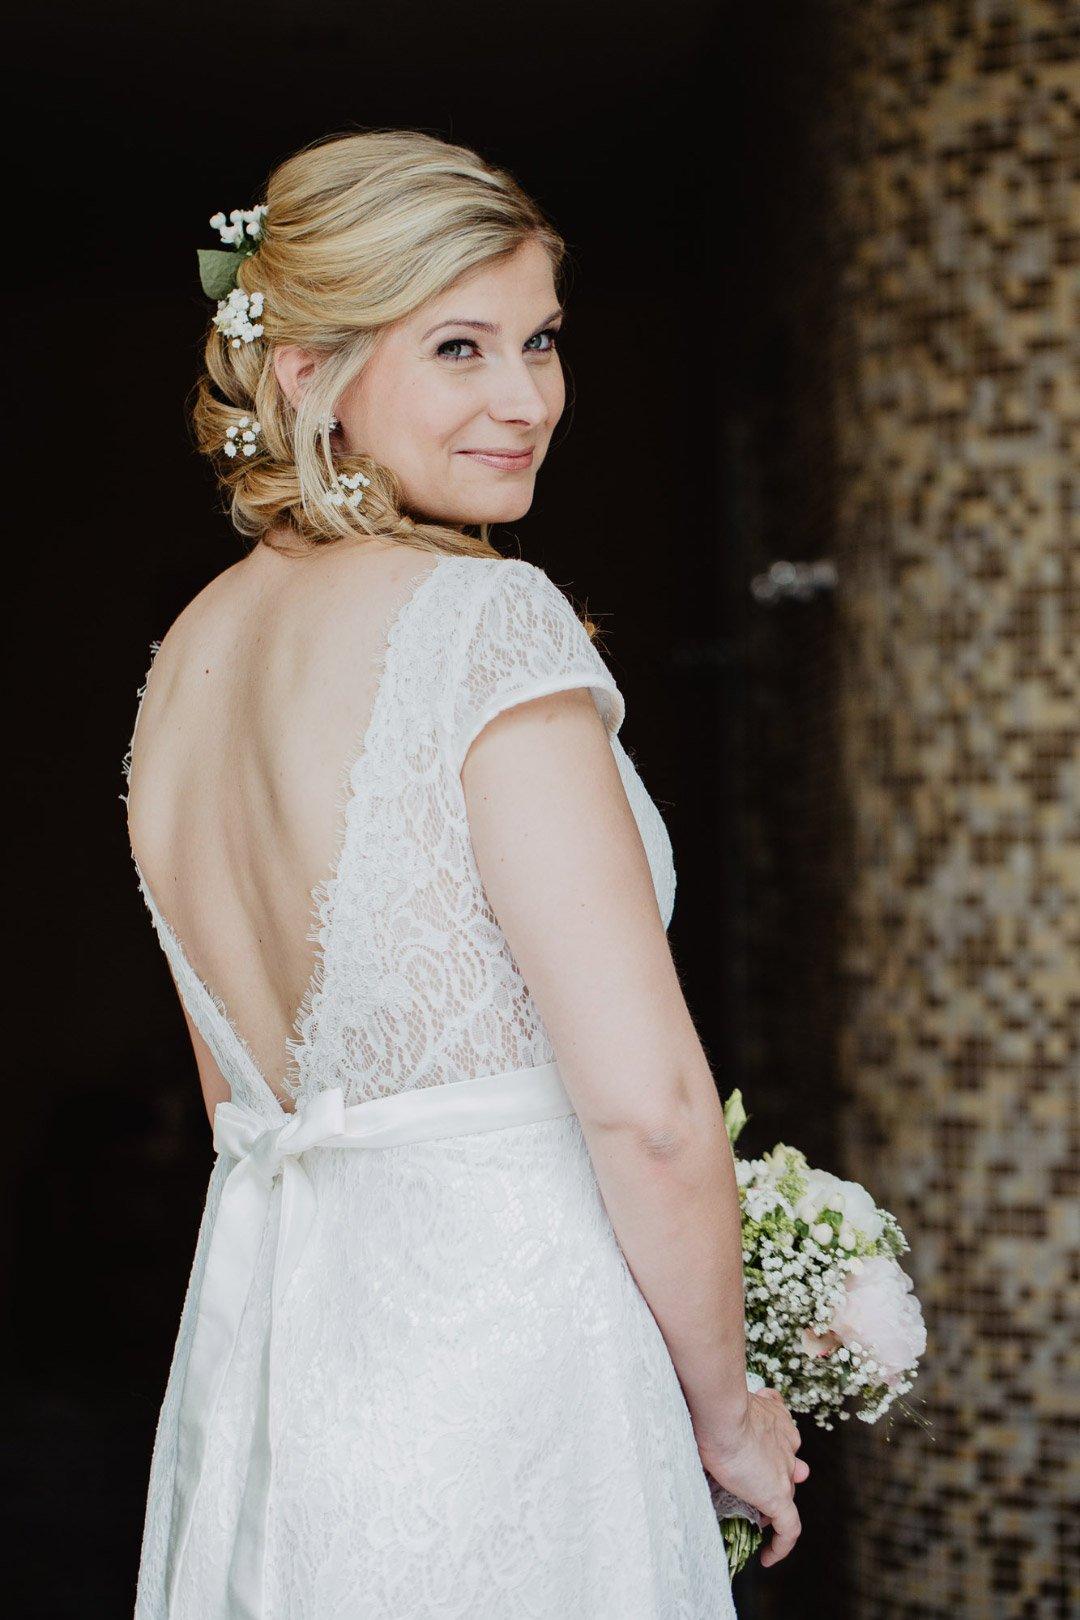 Braut Isabell in ihrem hübschen Brautkleid von Aliexpress